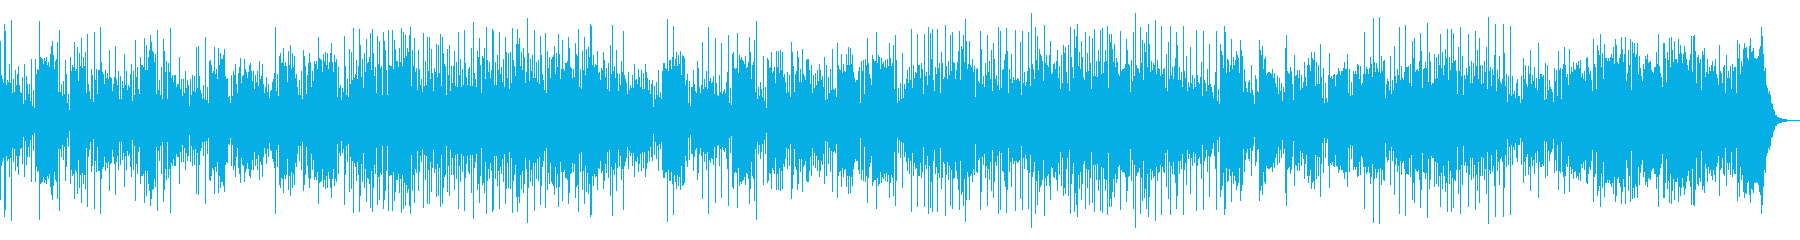 尺八が印象的なラテン風リラックスソングの再生済みの波形